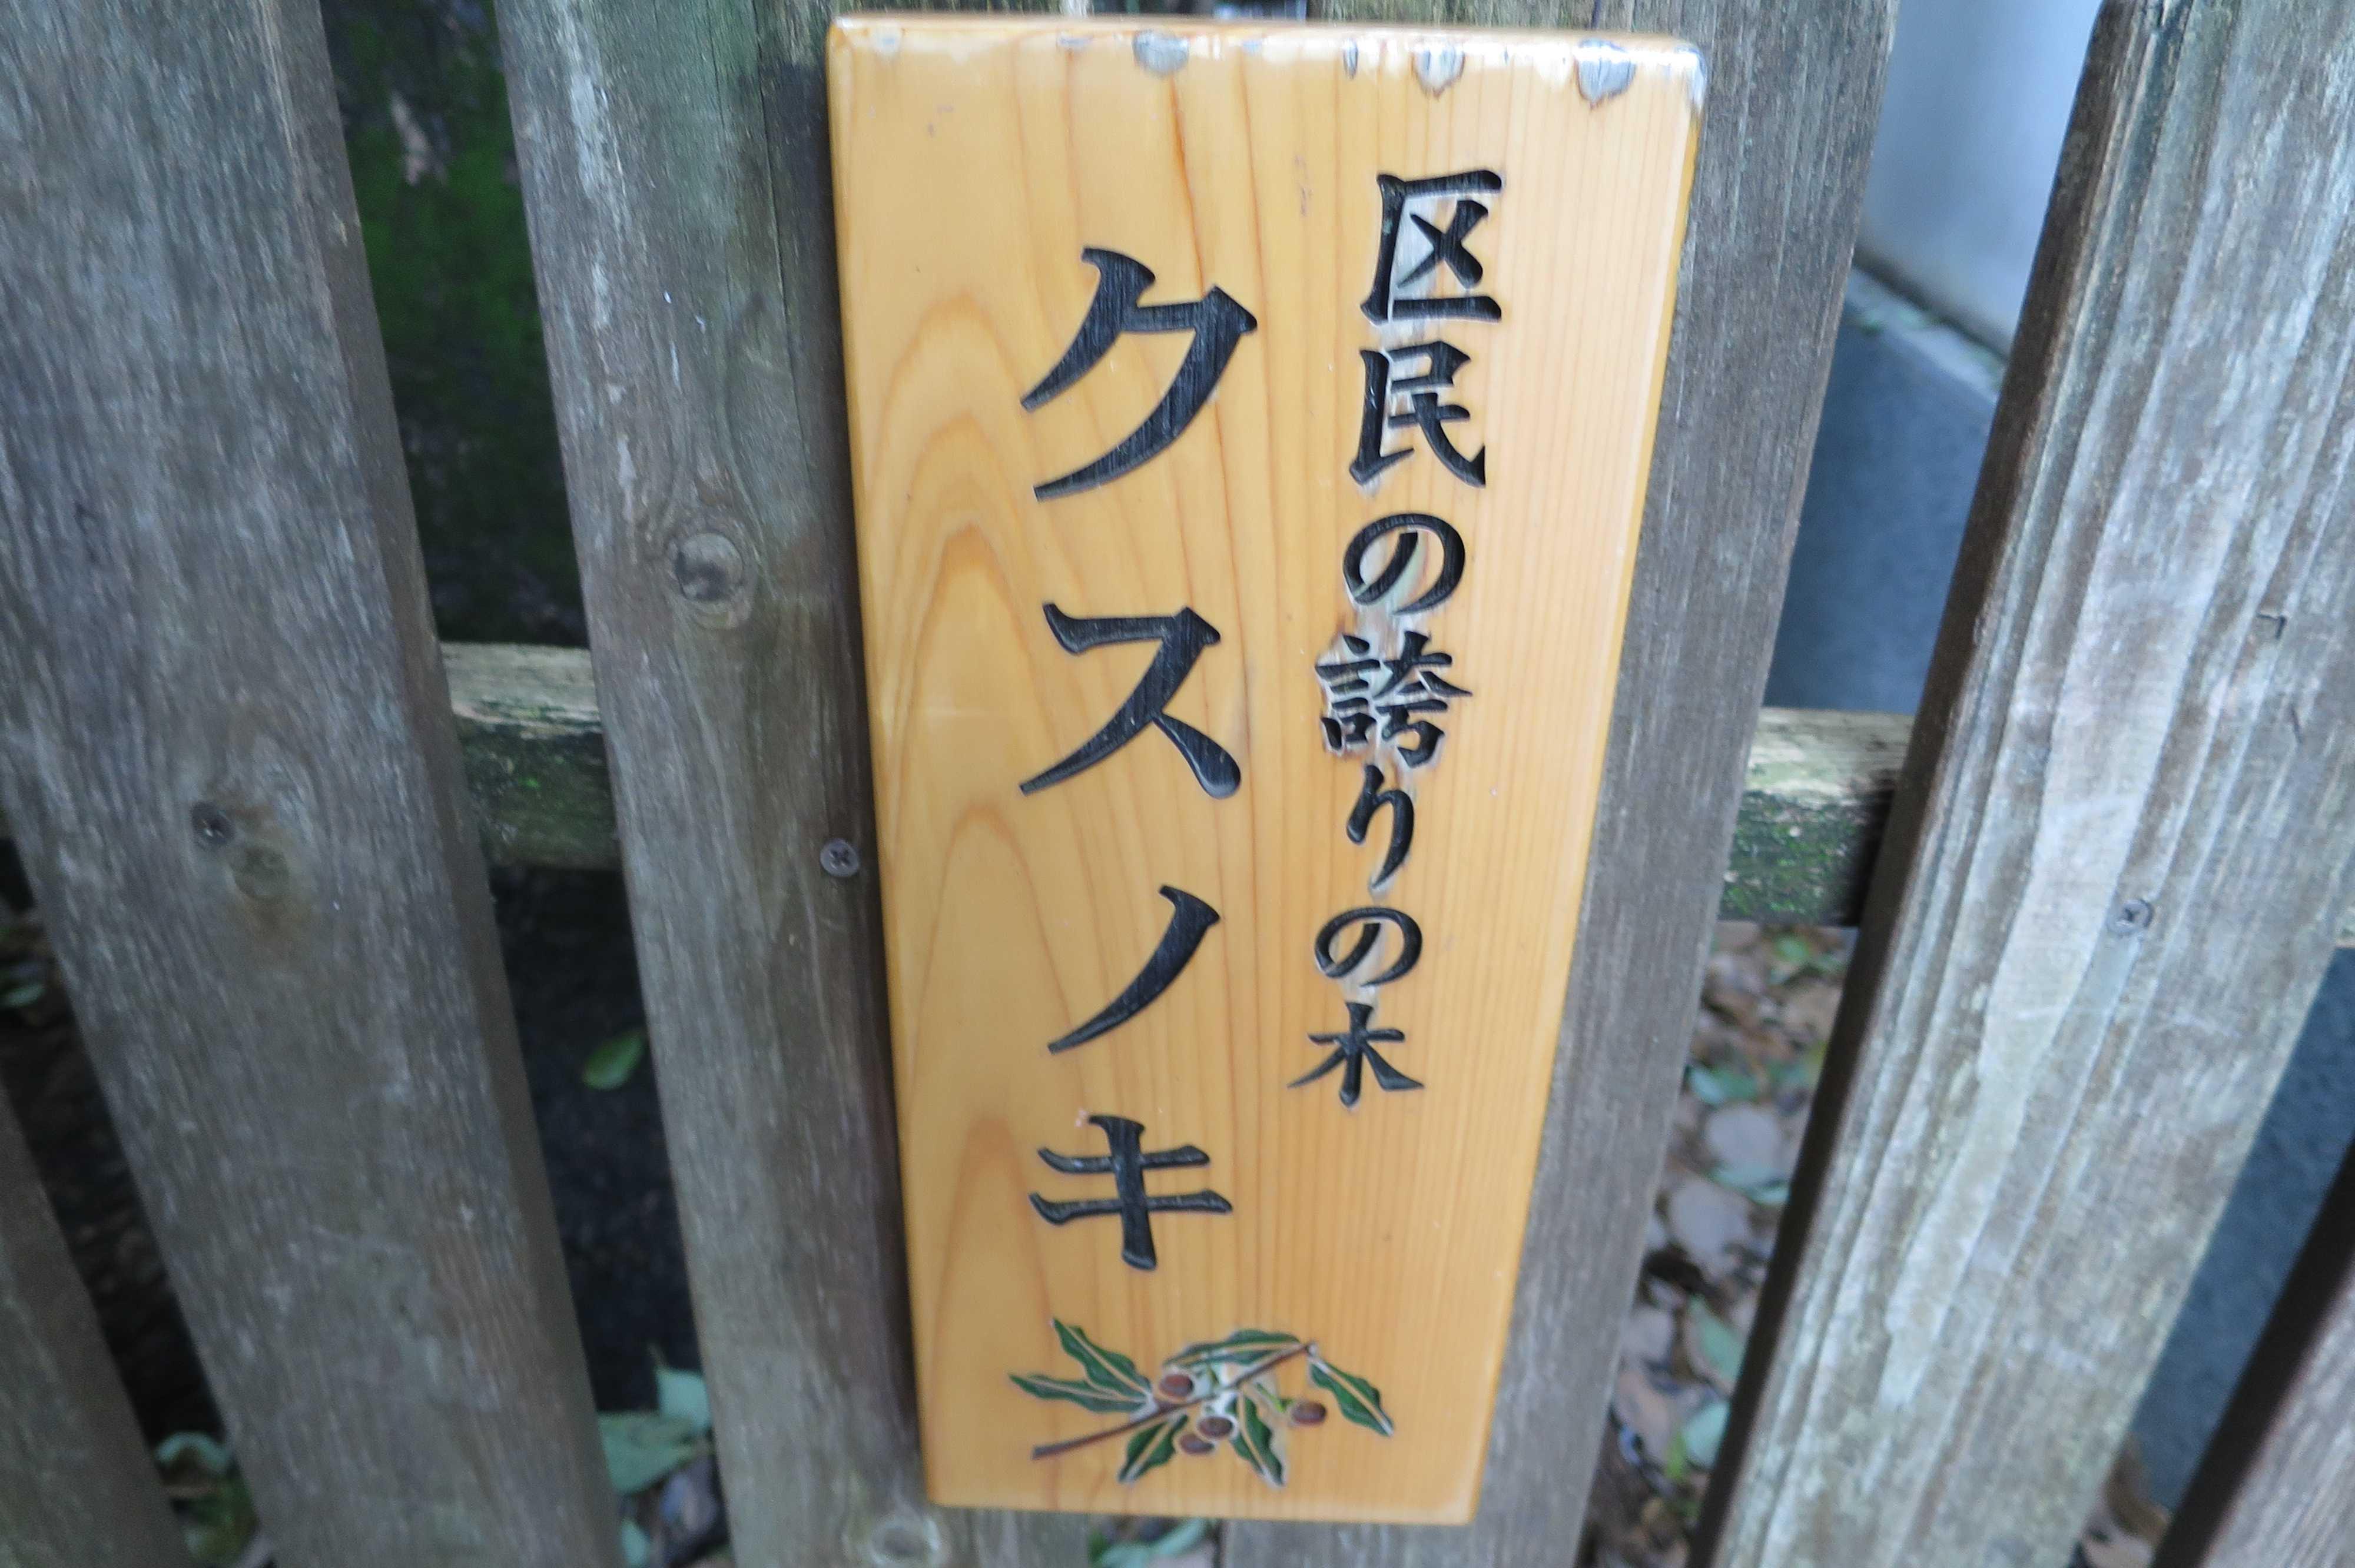 六角堂 - 区民の誇りの木 「クスノキ」